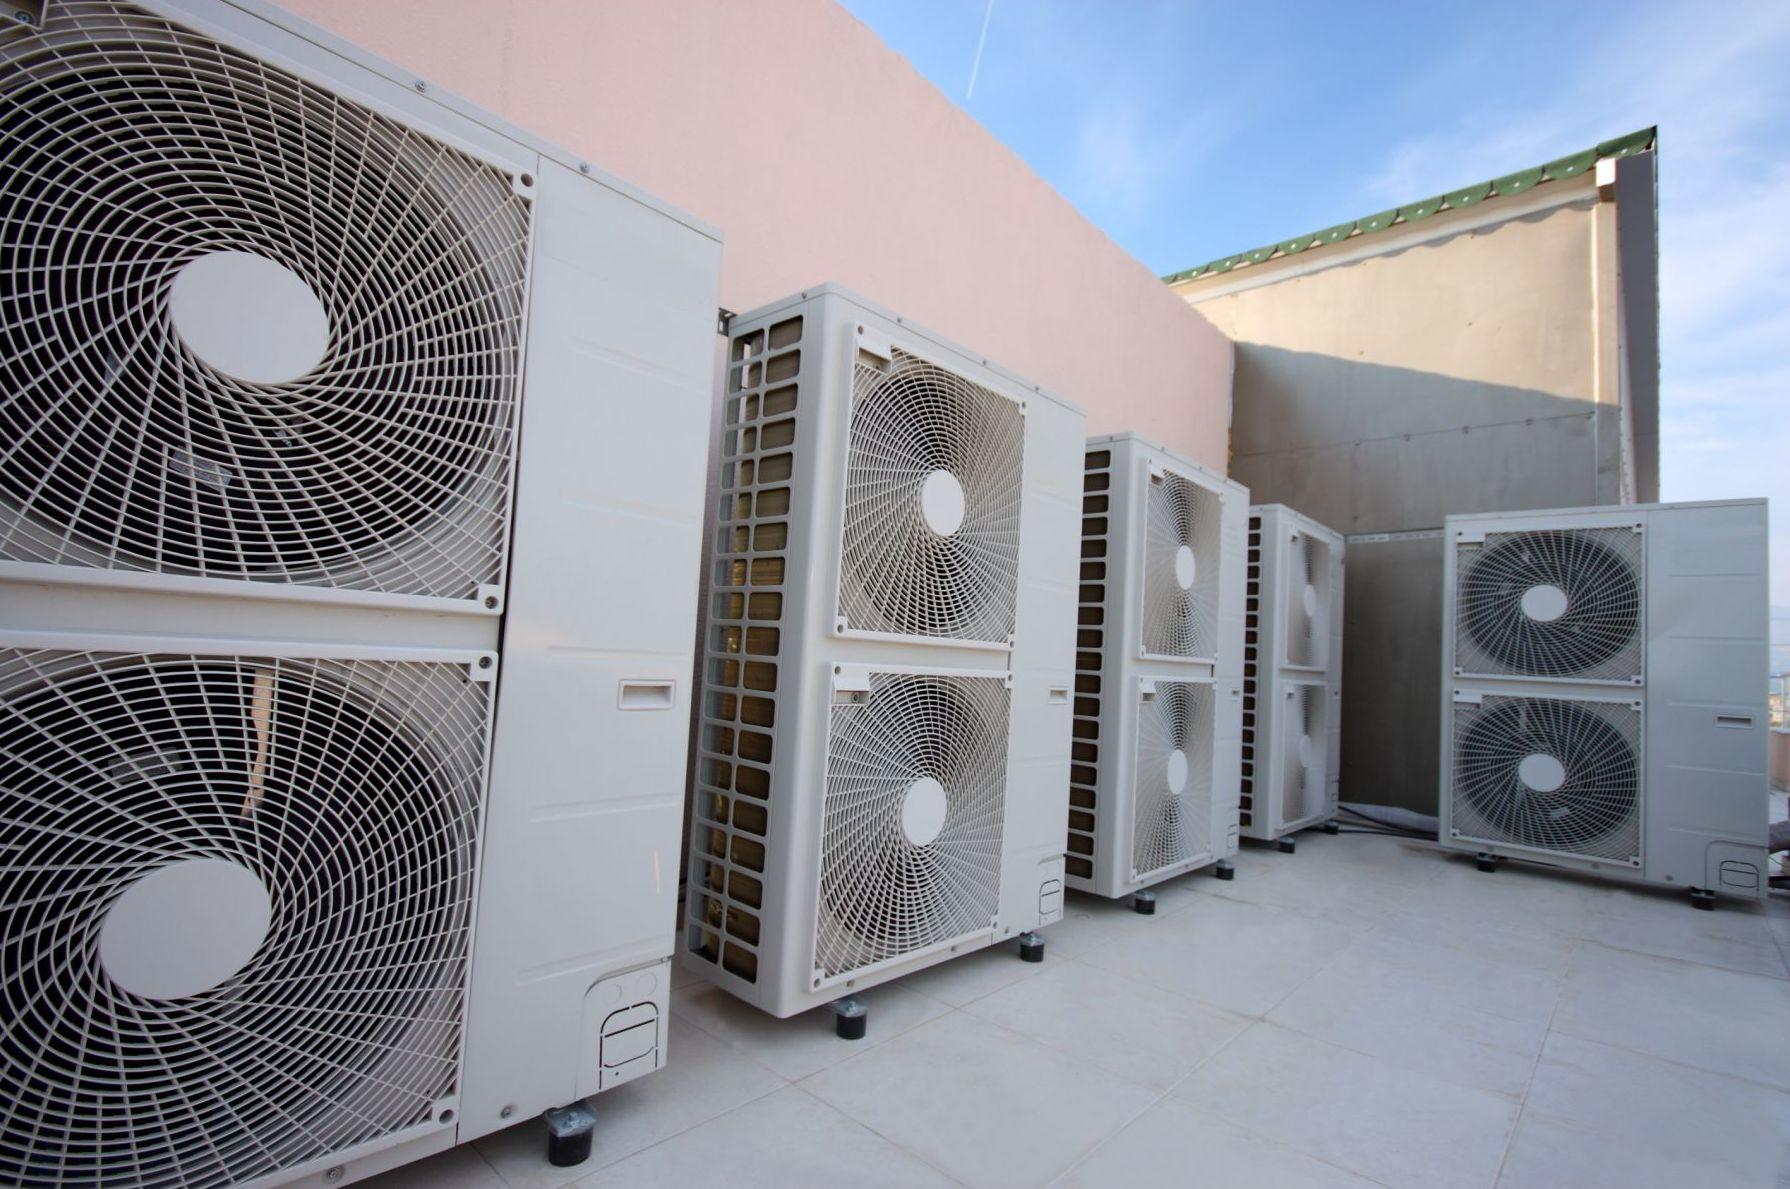 Tratamiento antibacteriano y fungicida de aire acondicionado en Valencia